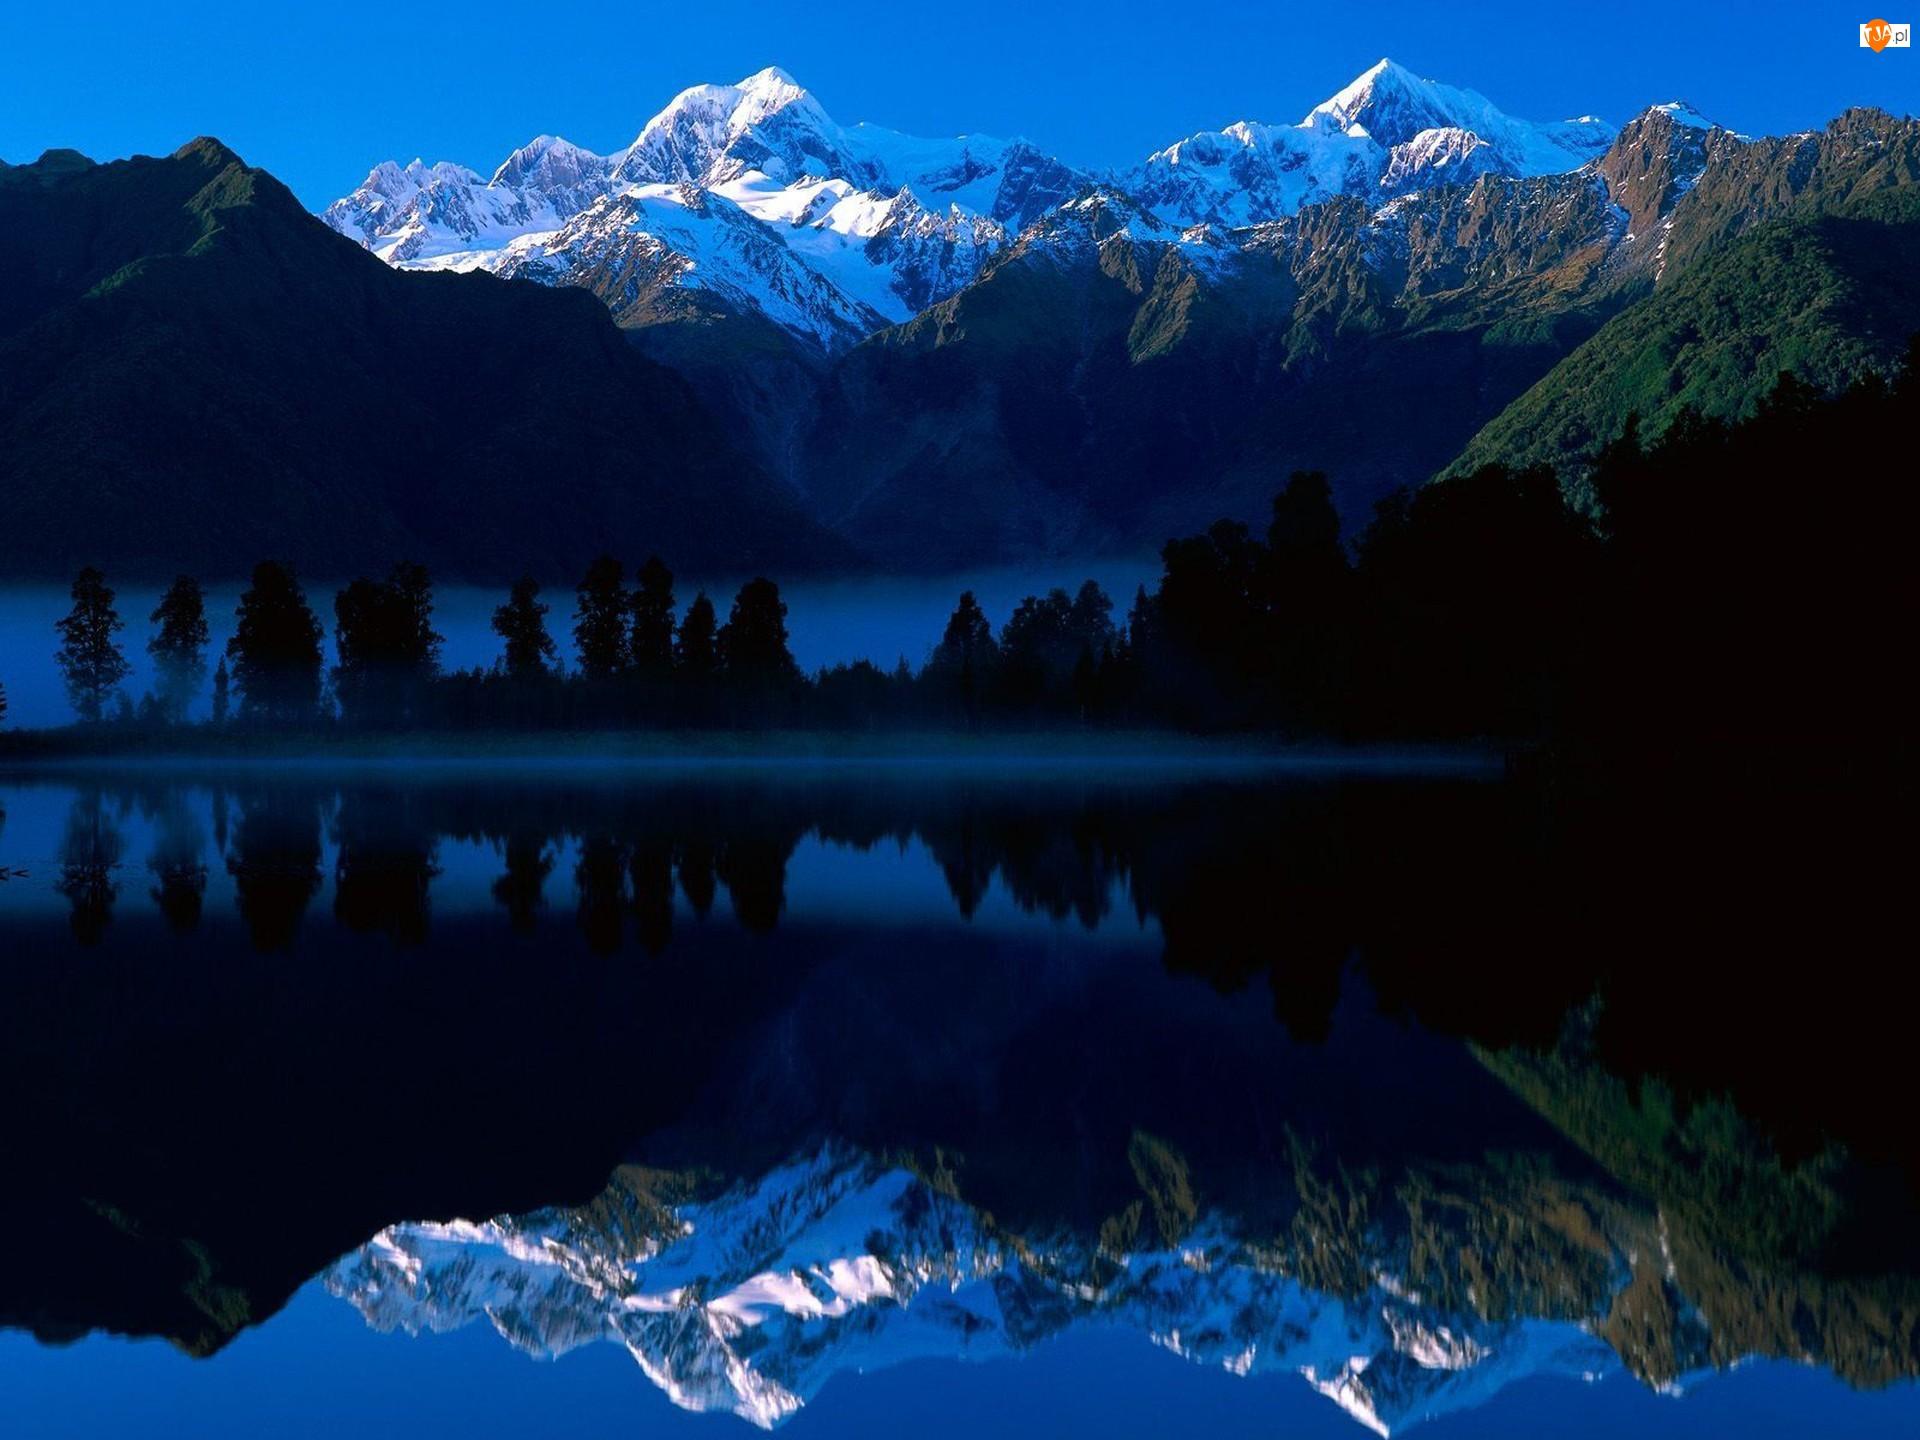 Gór, Jezioro, Odbicie, Lustrzane, Szczyty